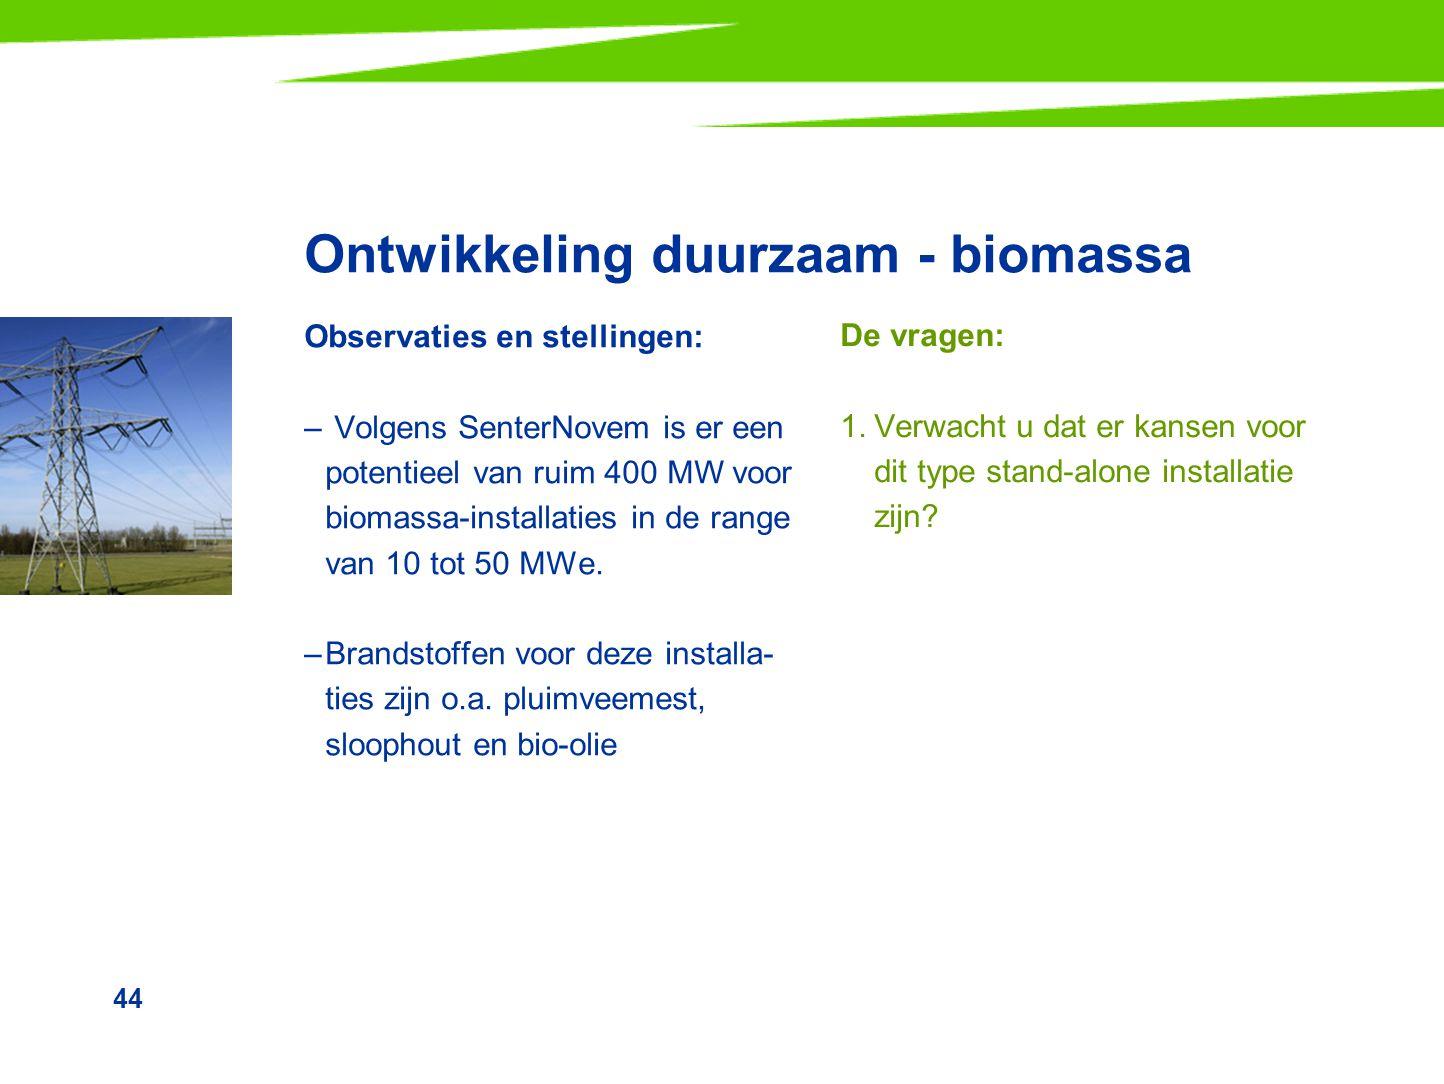 44 Ontwikkeling duurzaam - biomassa Observaties en stellingen: – Volgens SenterNovem is er een potentieel van ruim 400 MW voor biomassa-installaties i